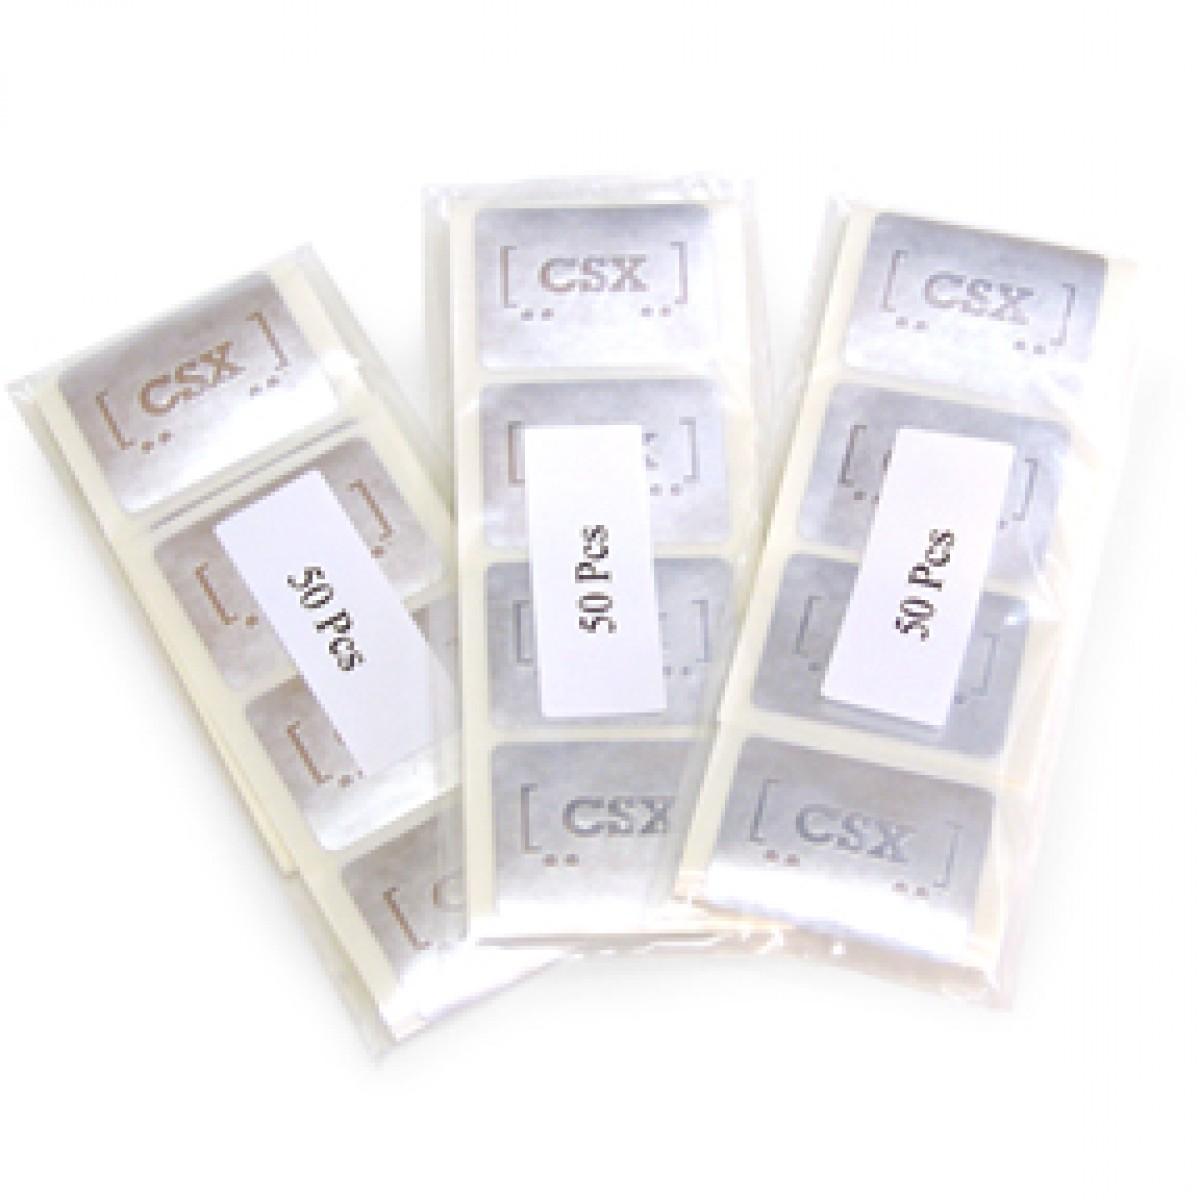 Csx Stock Quote: Silver Foil CSX Railcar Seal